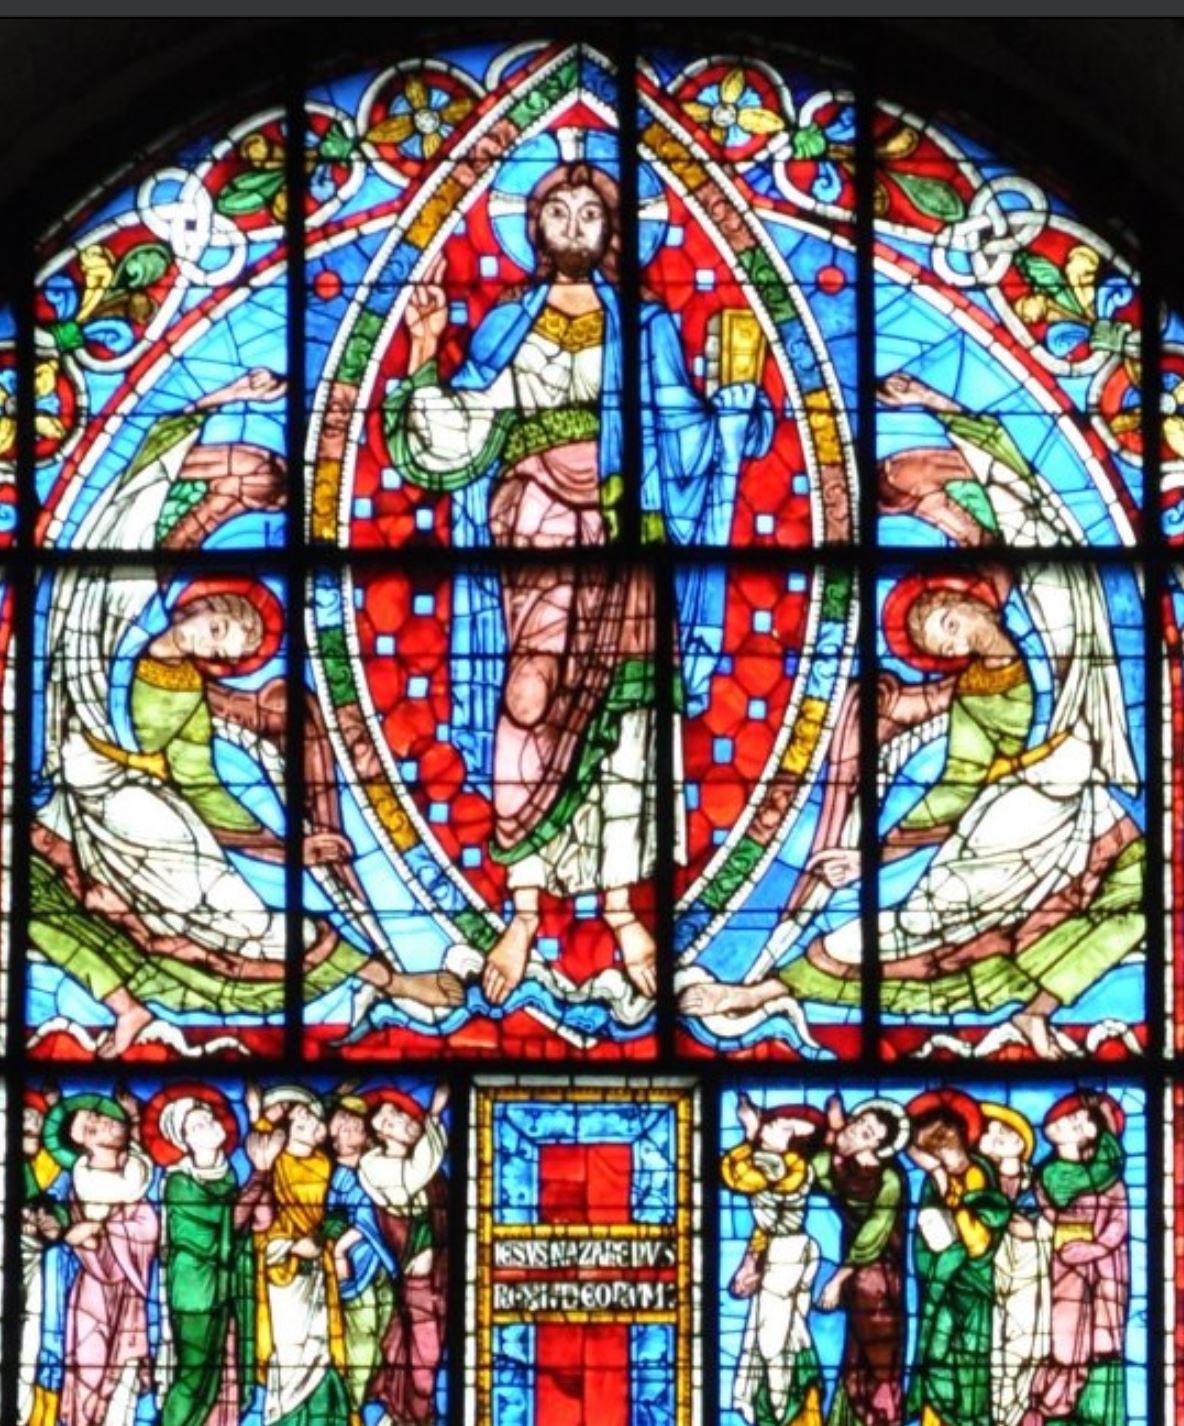 Vitrail de la Crucifixion 12eme siecle cathedrale de Poitiers